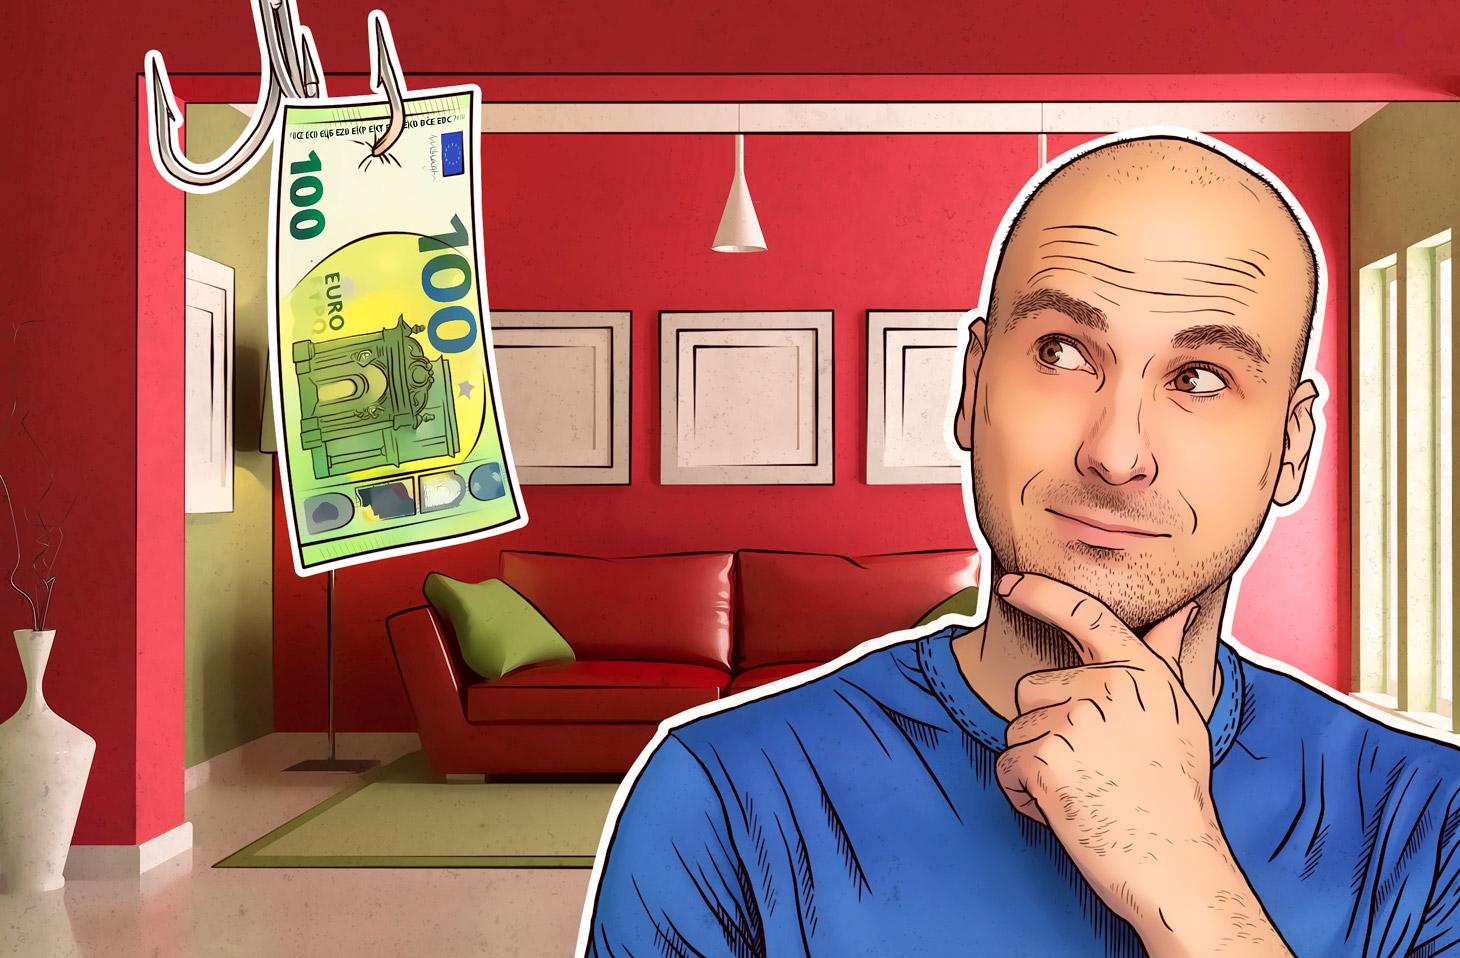 Lavorare da casa e guadagnare online: 16 idee per fare soldi -